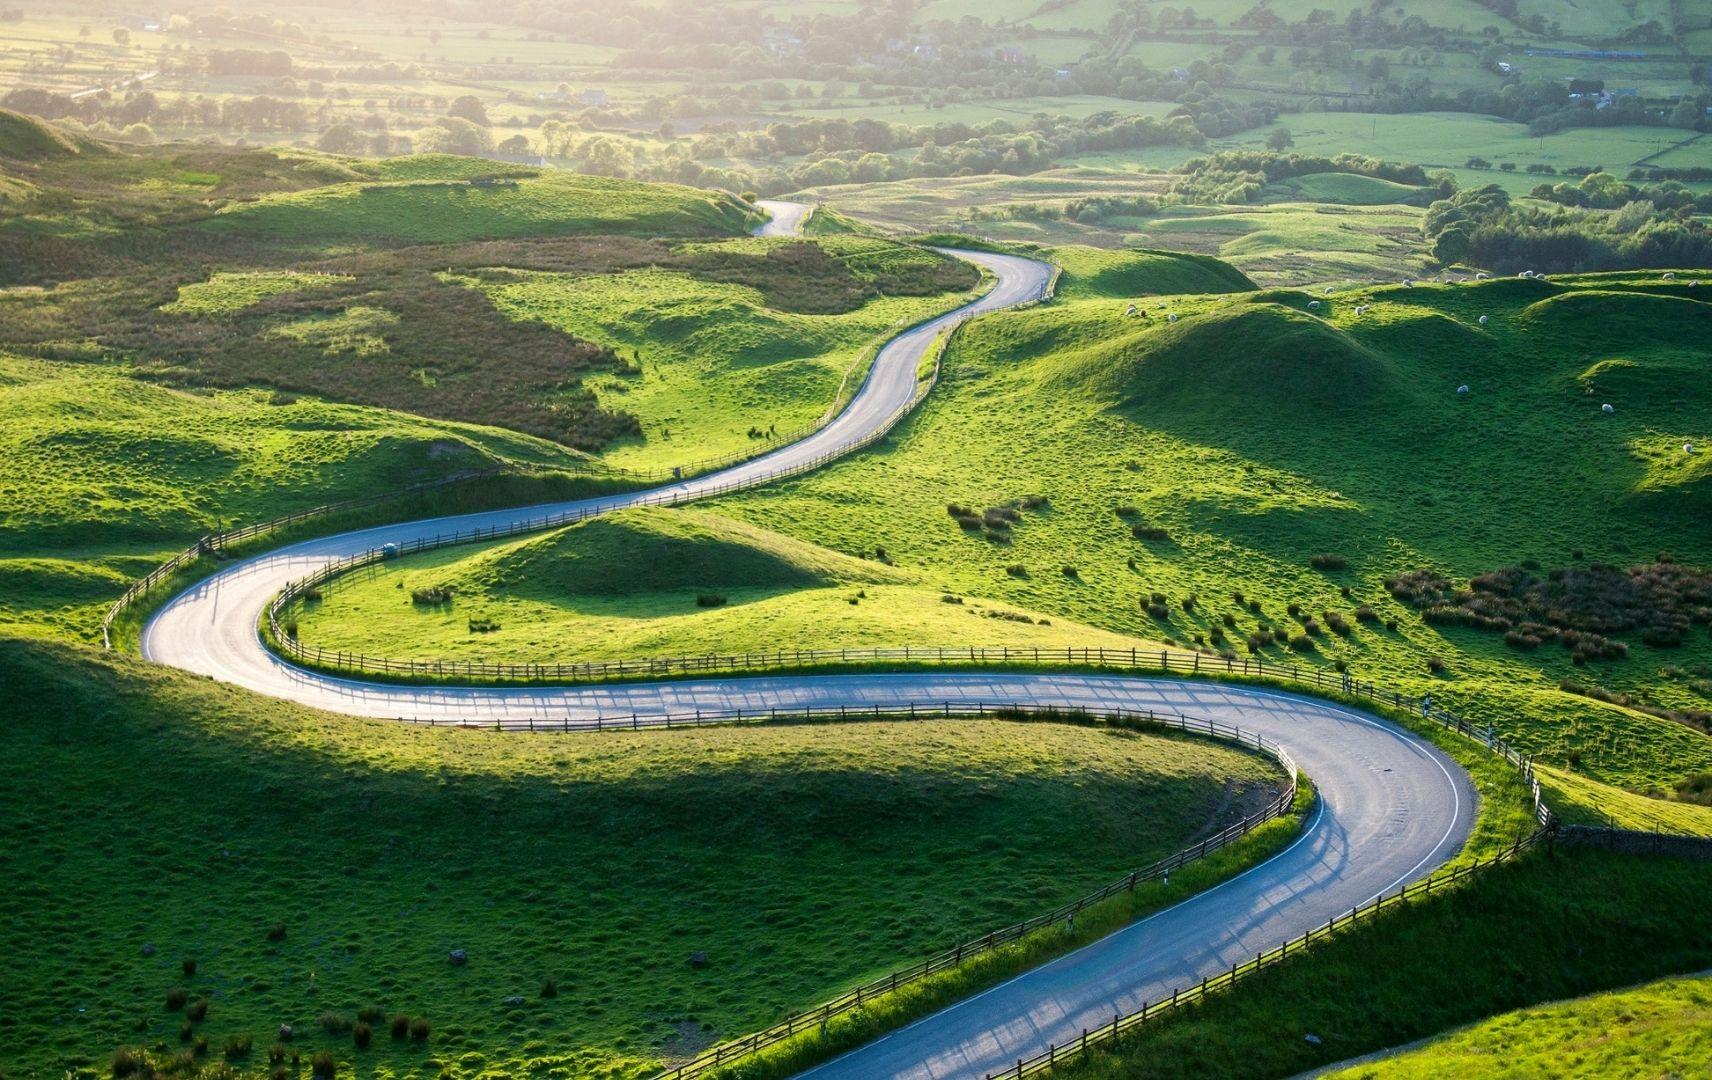 Leere Straße schlängelt sich durch grüne Landschaft